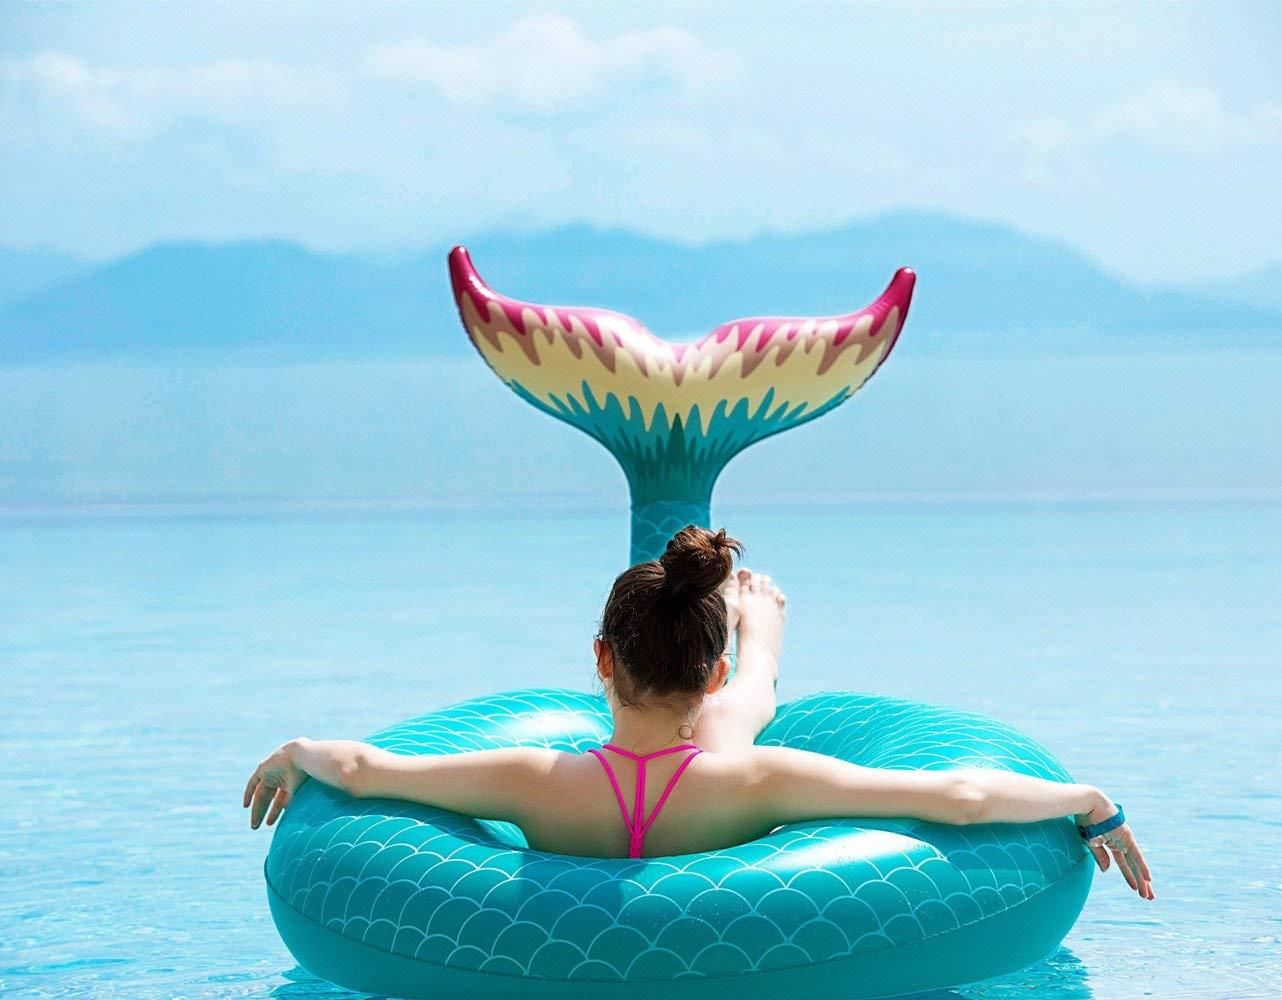 Summer Beach Essentials – 24 Fun Ideas